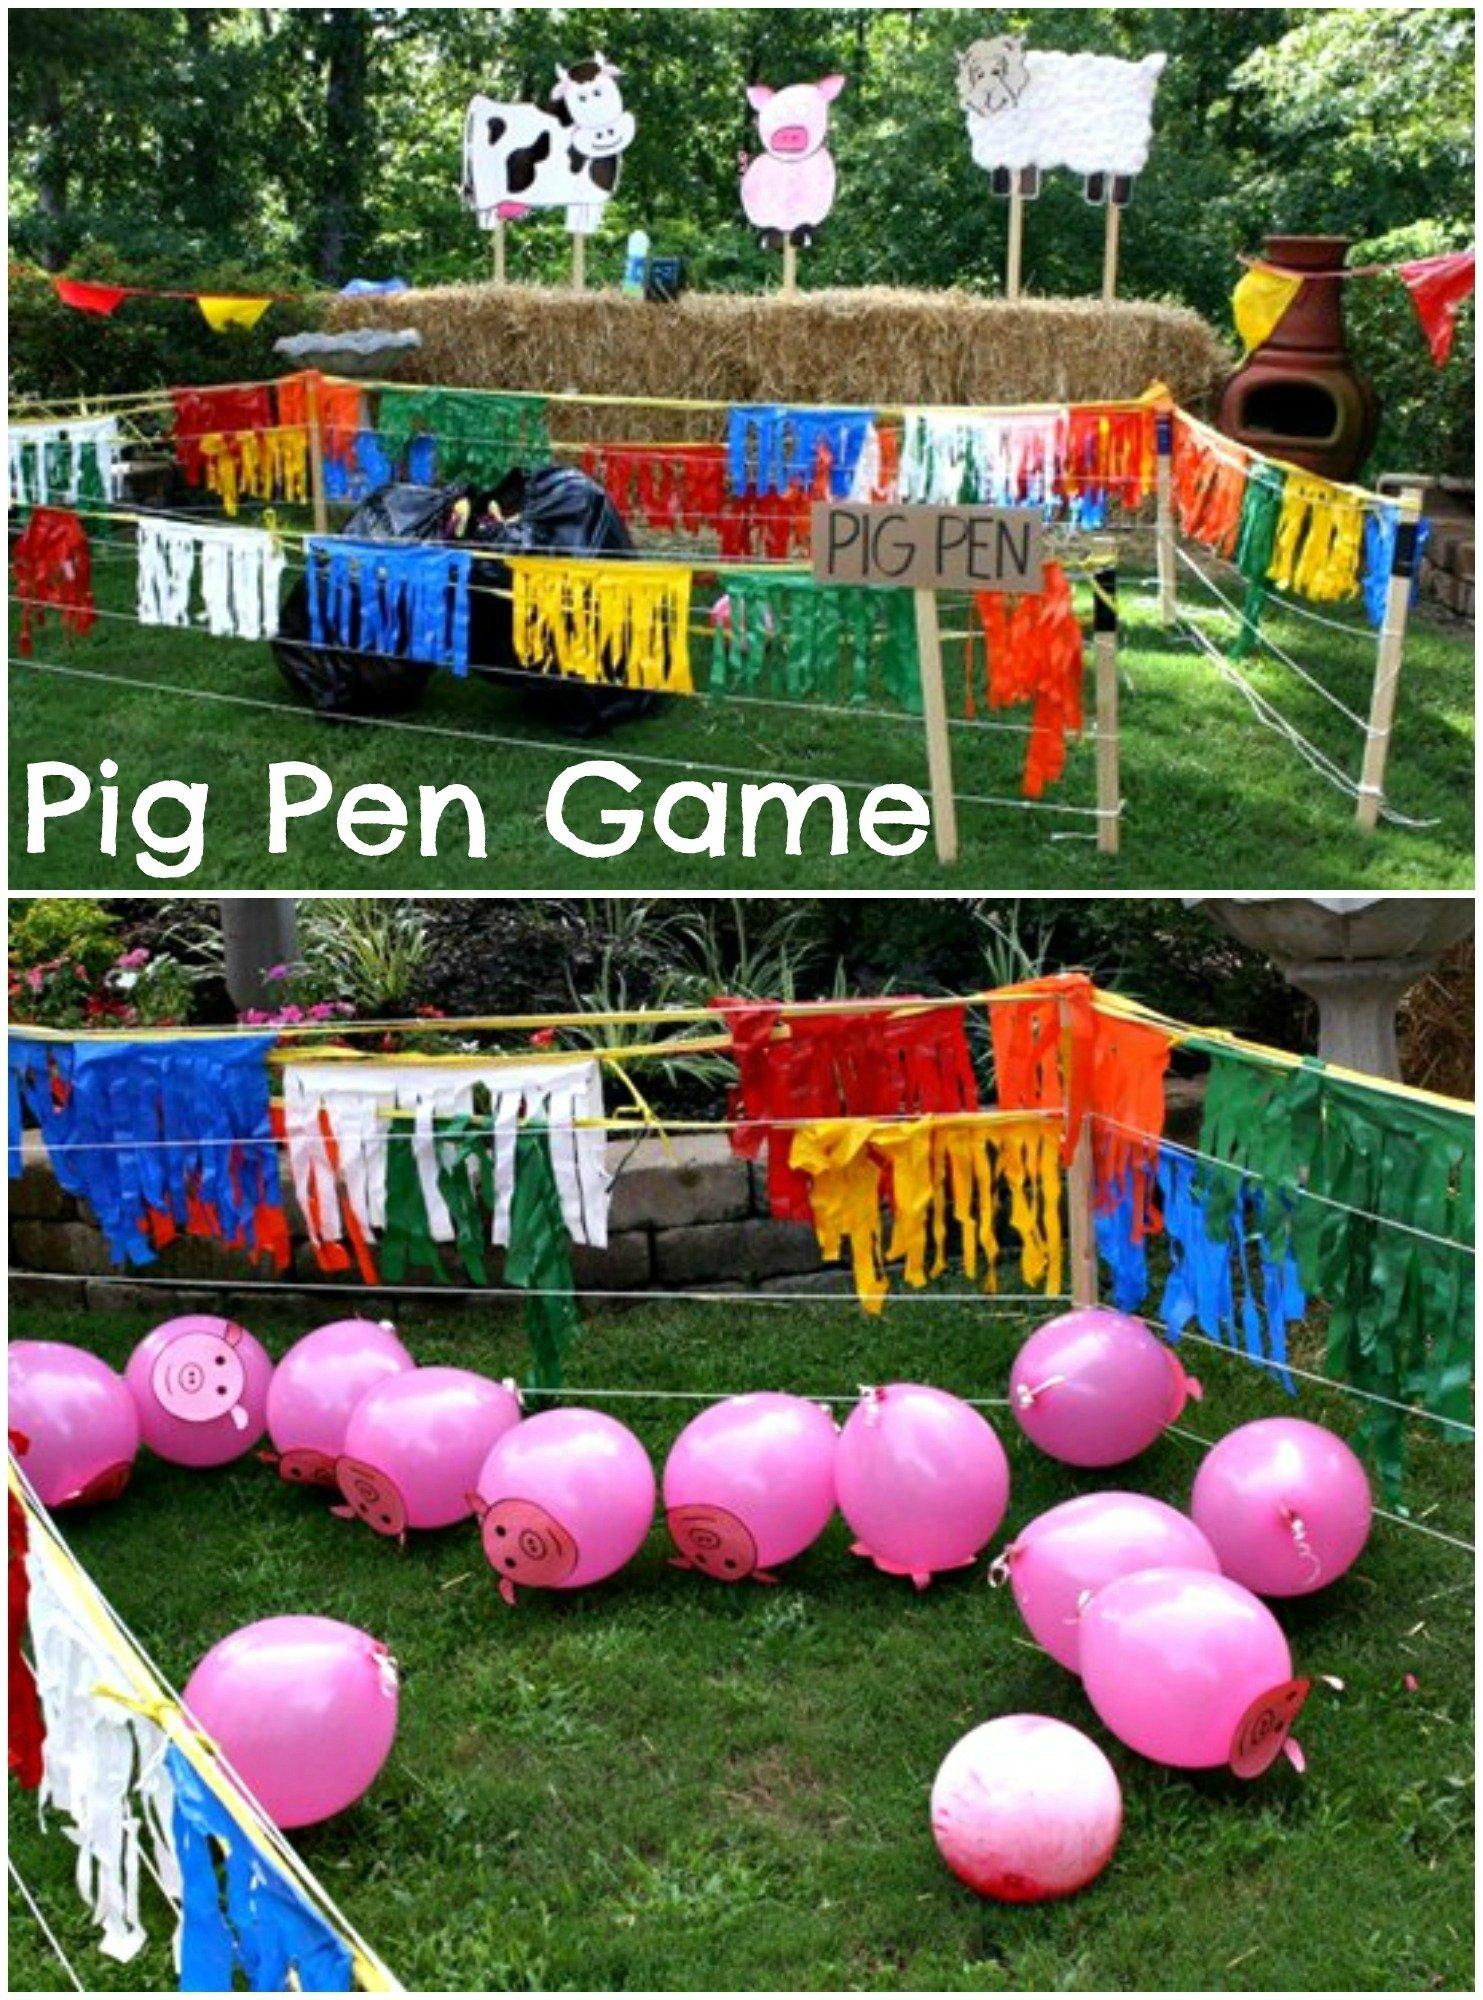 10 Lovely Birthday Ideas For 8 Year Old Boy stylish ideas birthday party game for 7 year olds themes 4 old boy 2020